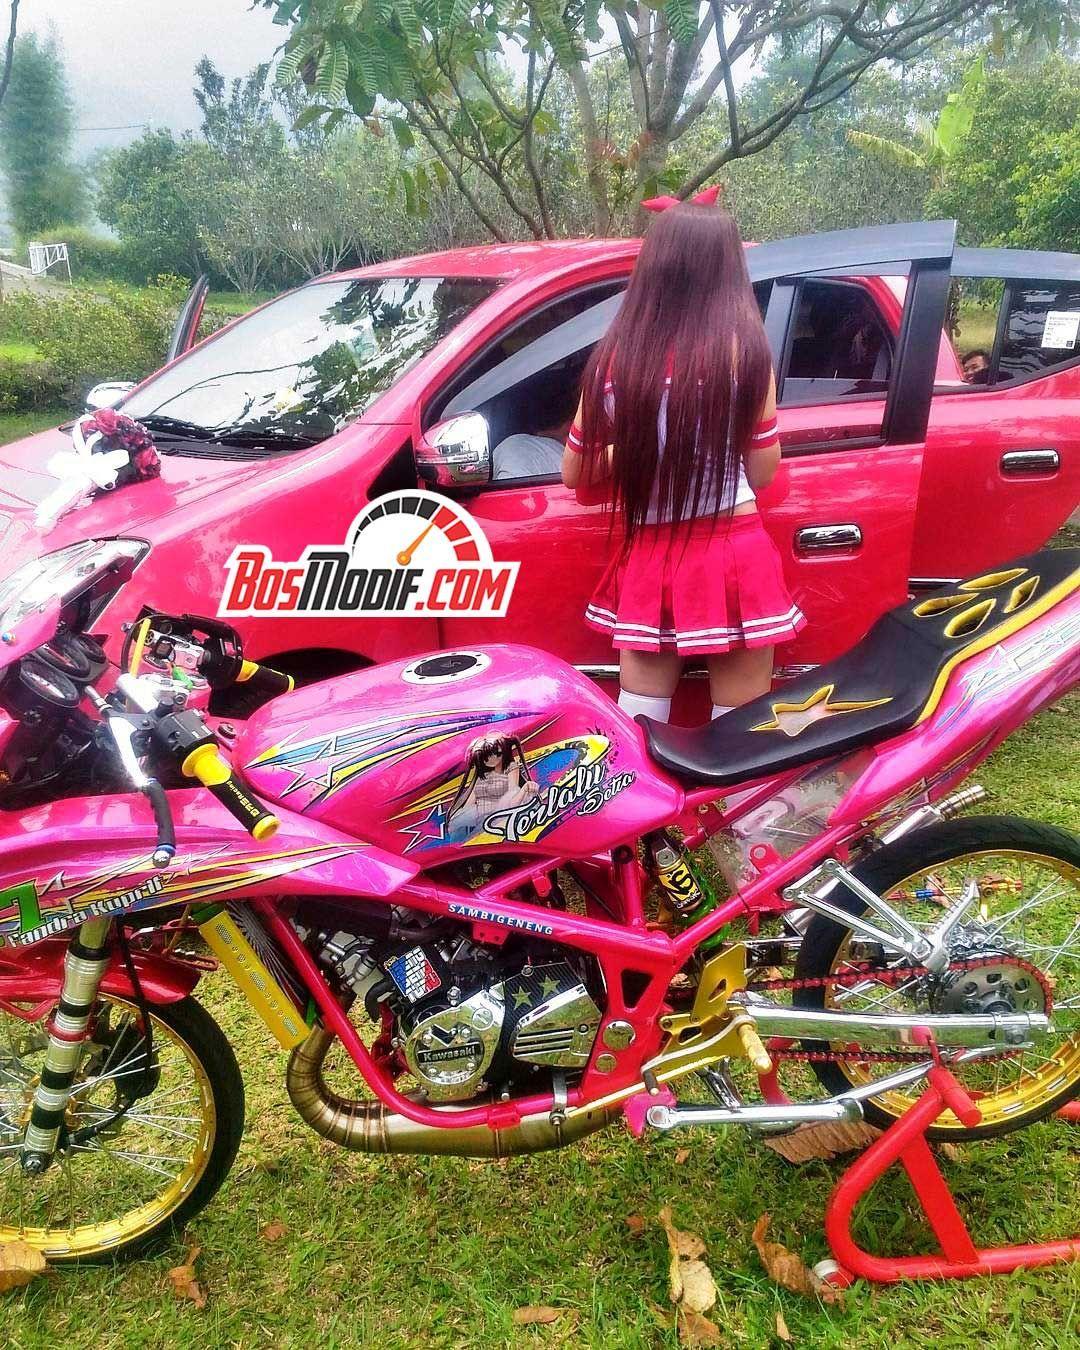 Modifikasi Motor Kawasaki Ninja Dan Cewek Warna Pink Merah Putih 6